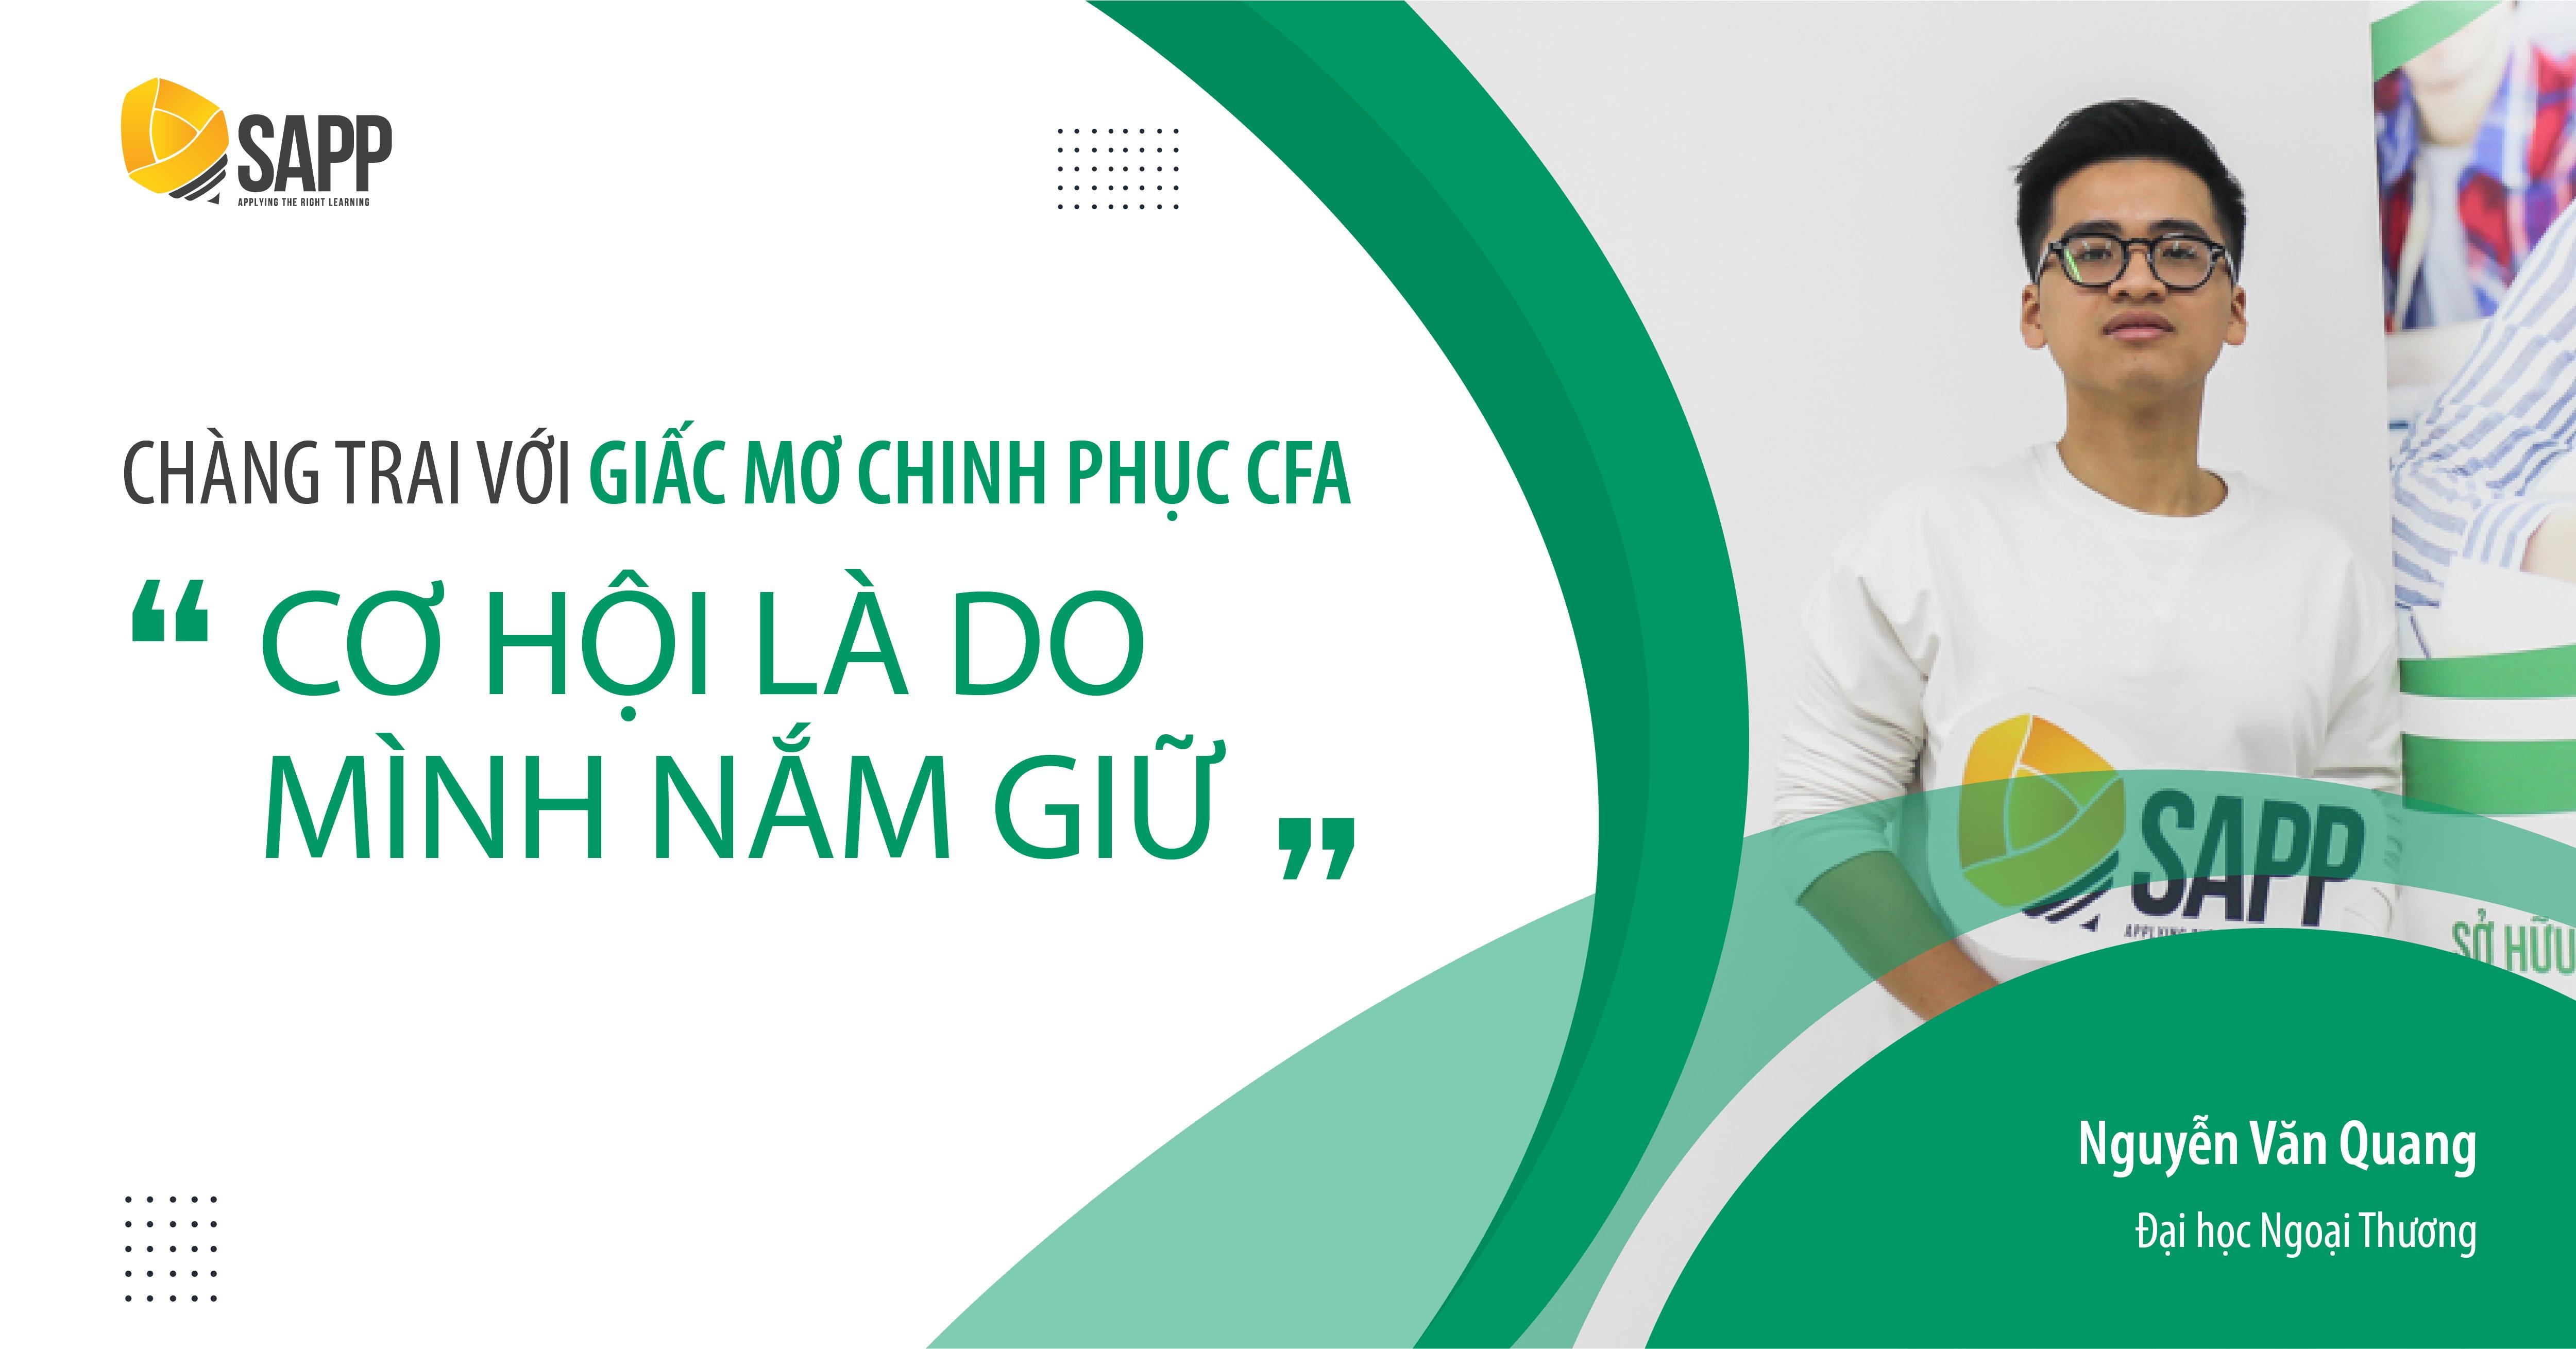 chàng trai câu lạc bộ IBC - FTU đạt học bổng CFA 15.000.000 VNĐ tại SAPP Academy